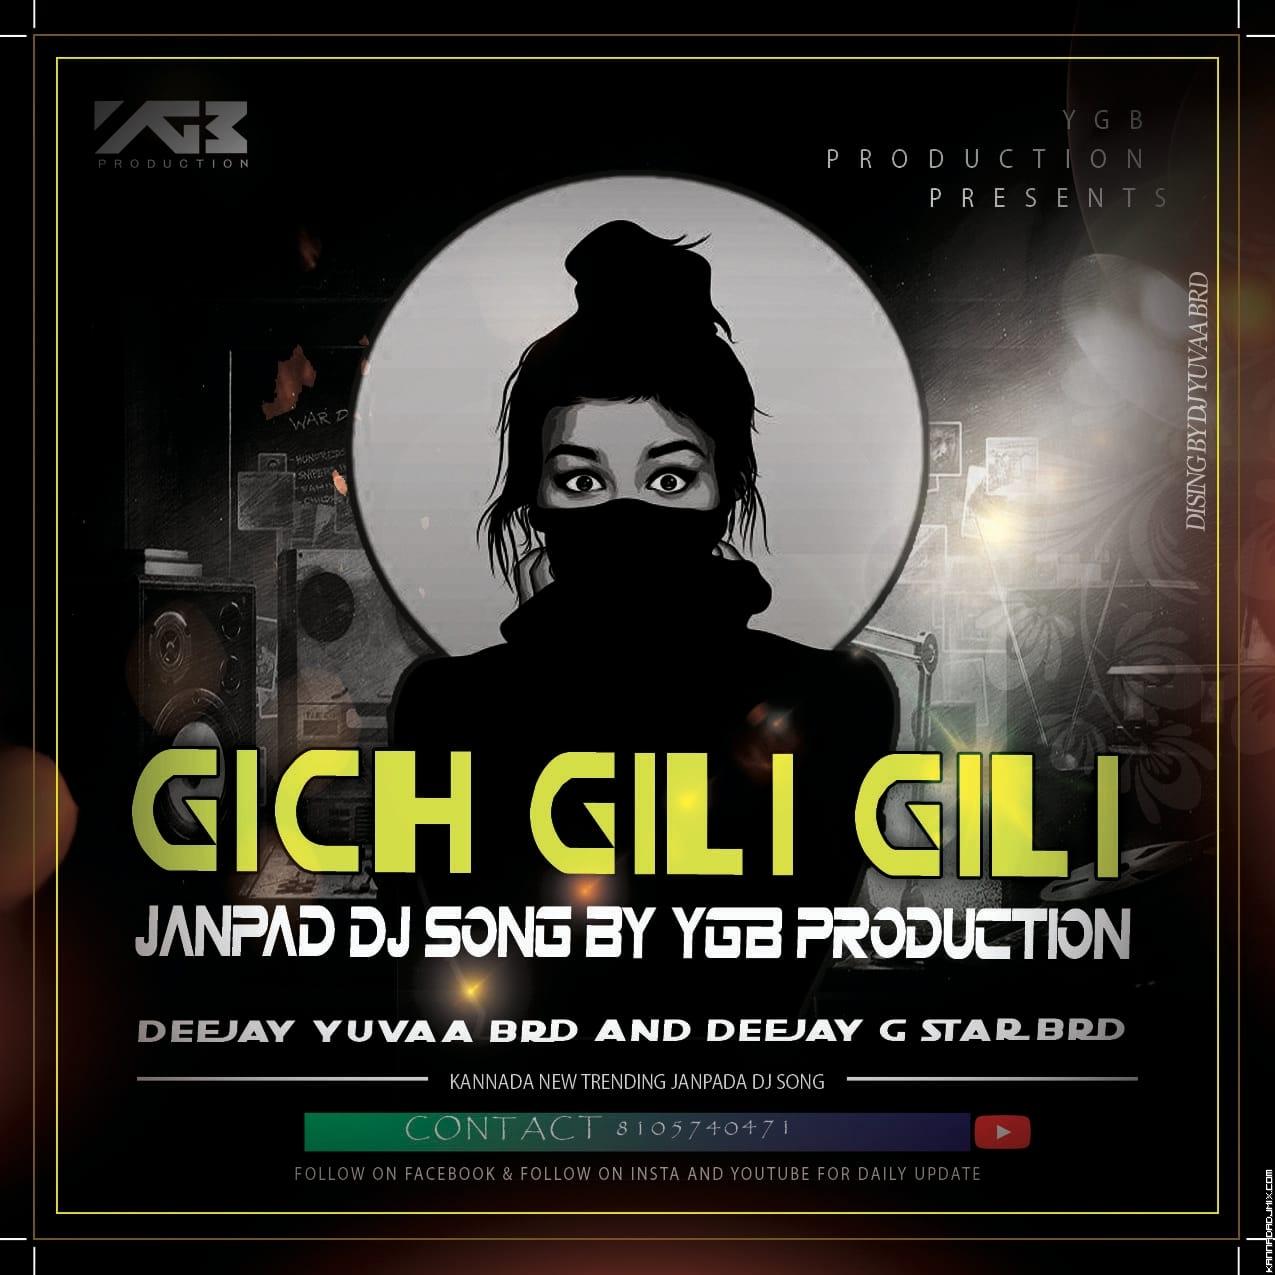 GICH GILI GILI EDM MIX YGB PRODUCTION.mp3